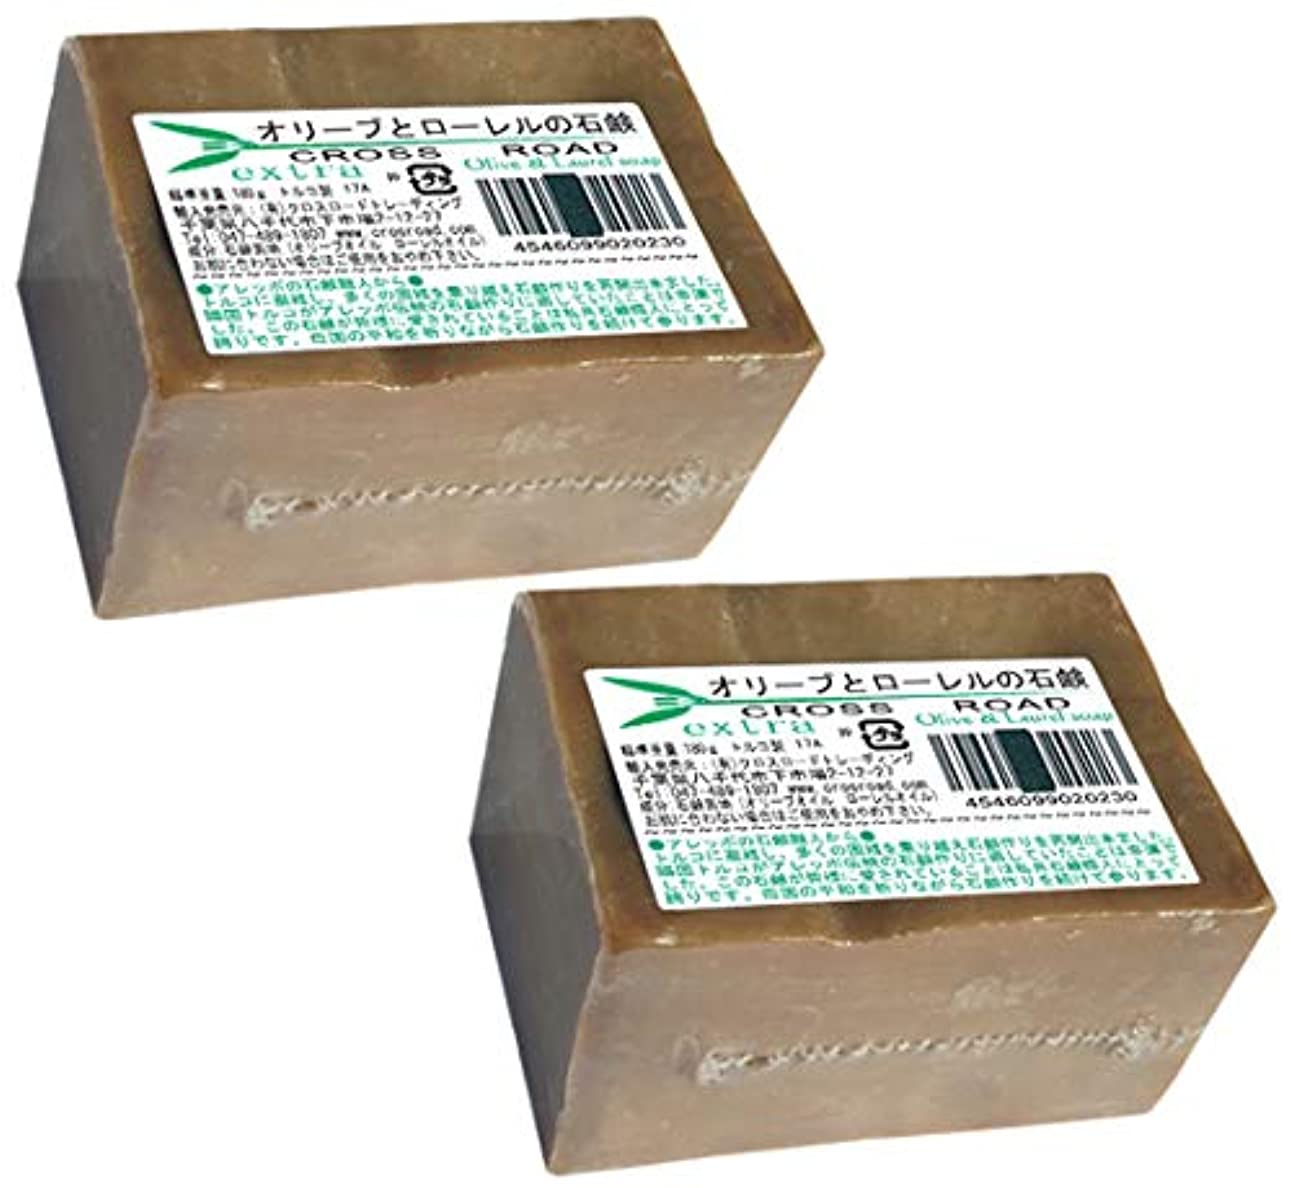 怖い年金受給者規定オリーブとローレルの石鹸(エキストラ)2個セット[並行輸入品]